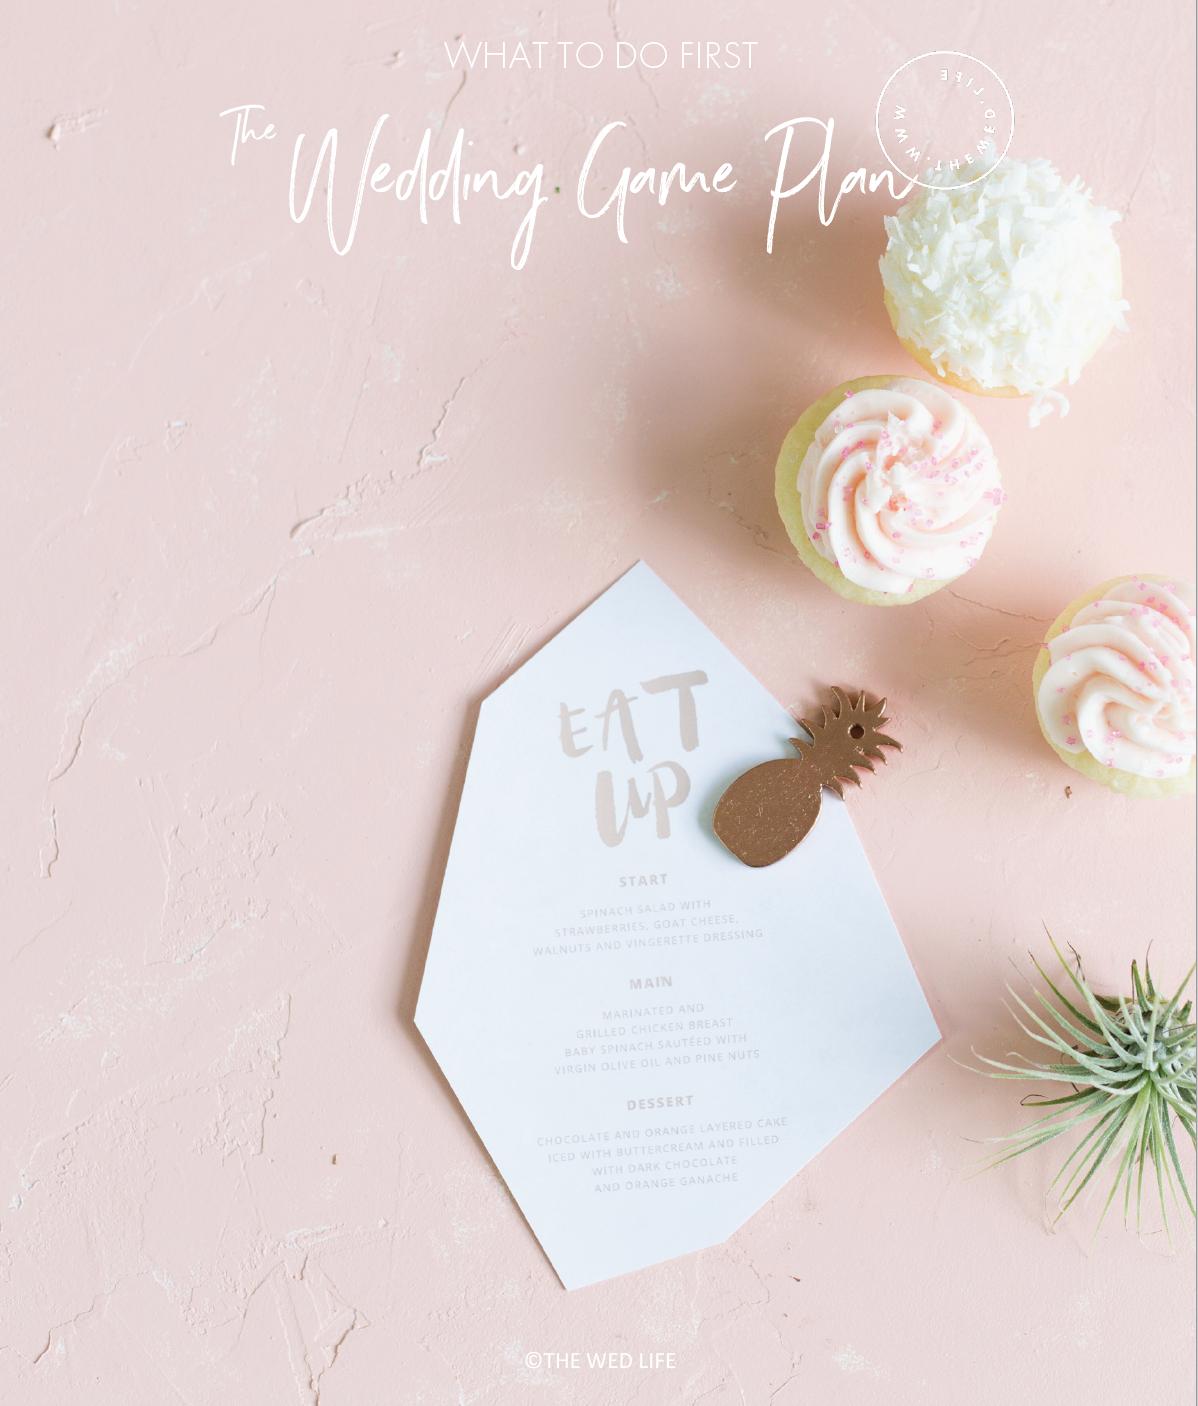 Wedding Game Plan